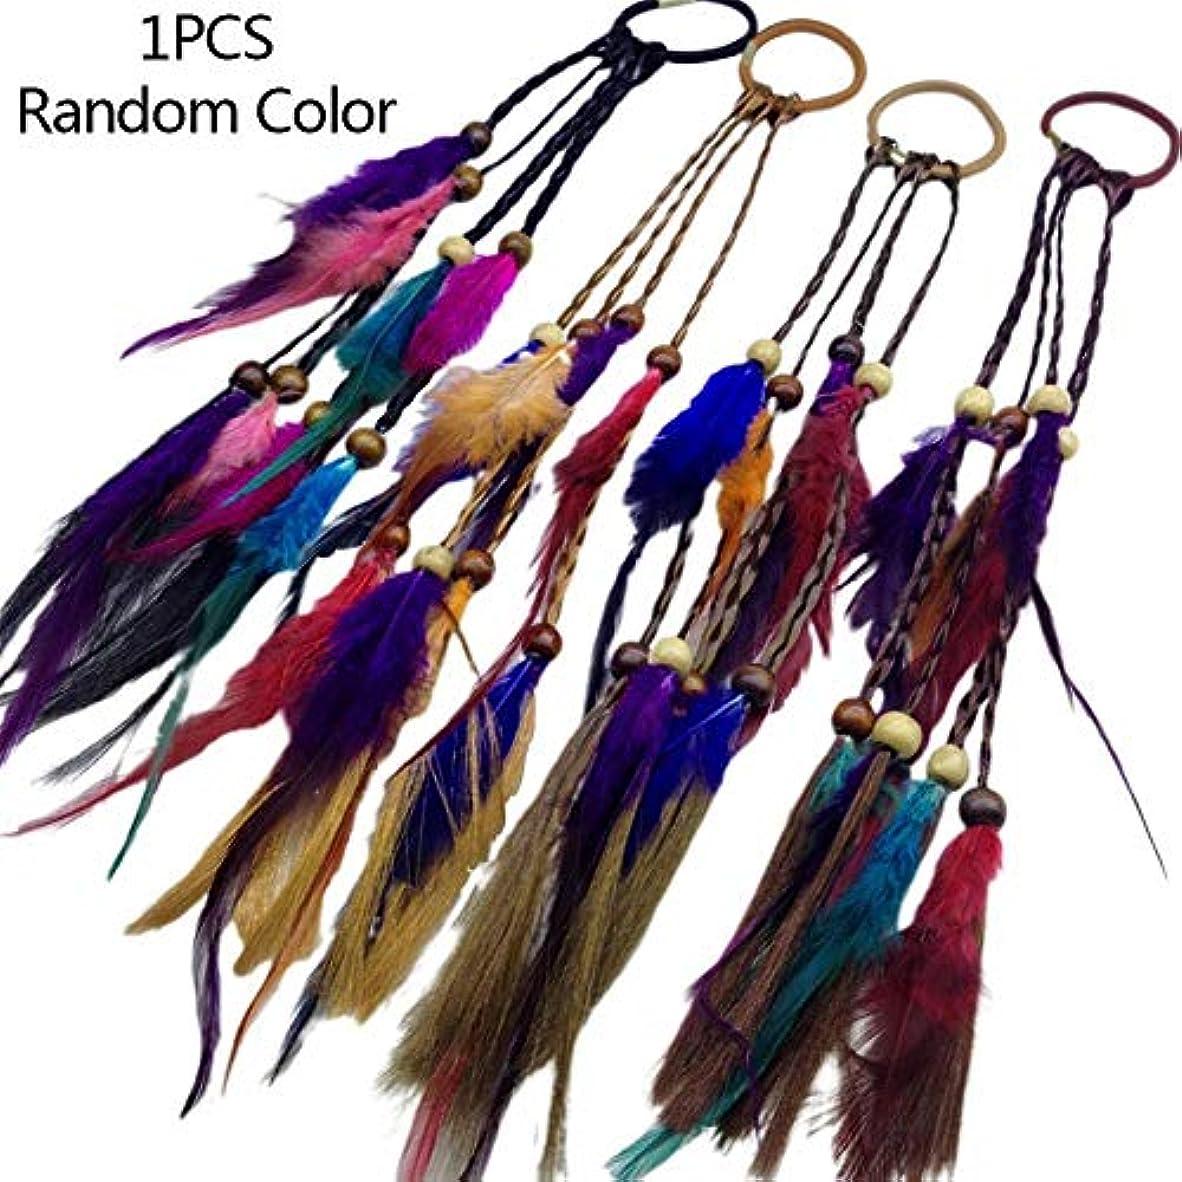 適度な生産性おっとBETTER YOU (ベター ュー) 羽飾り、女の子のヘアバンド、ヘアバンド、帽子、ヘアアクセサリー